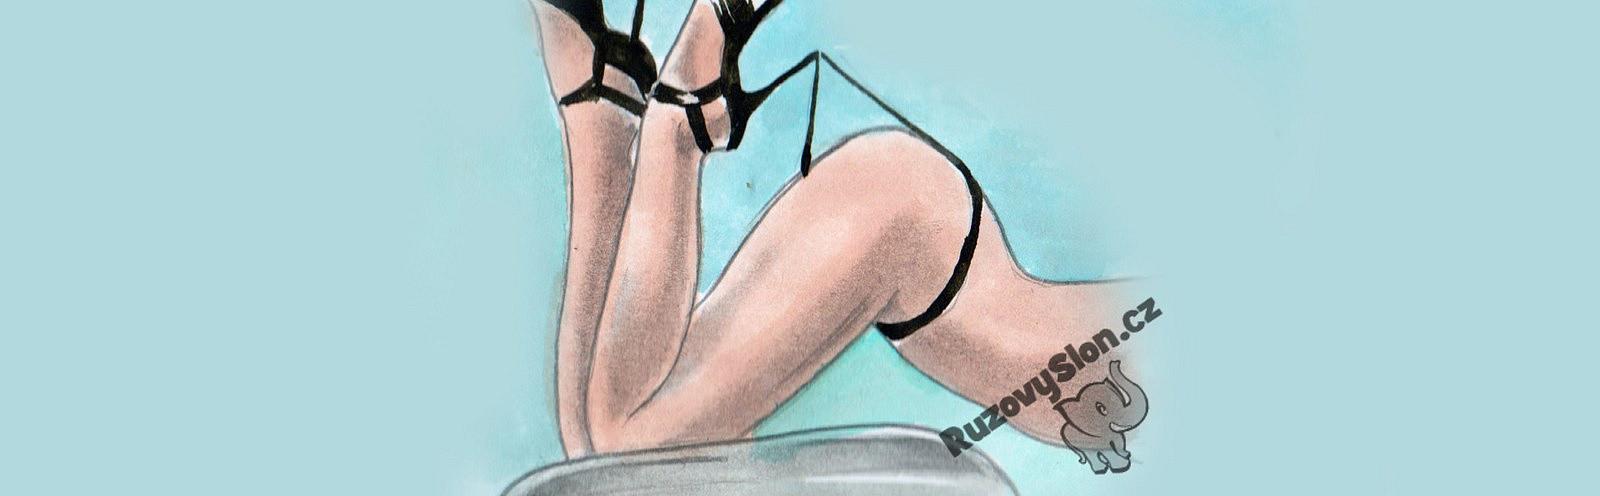 žena špulí zadeček v kalhotkách